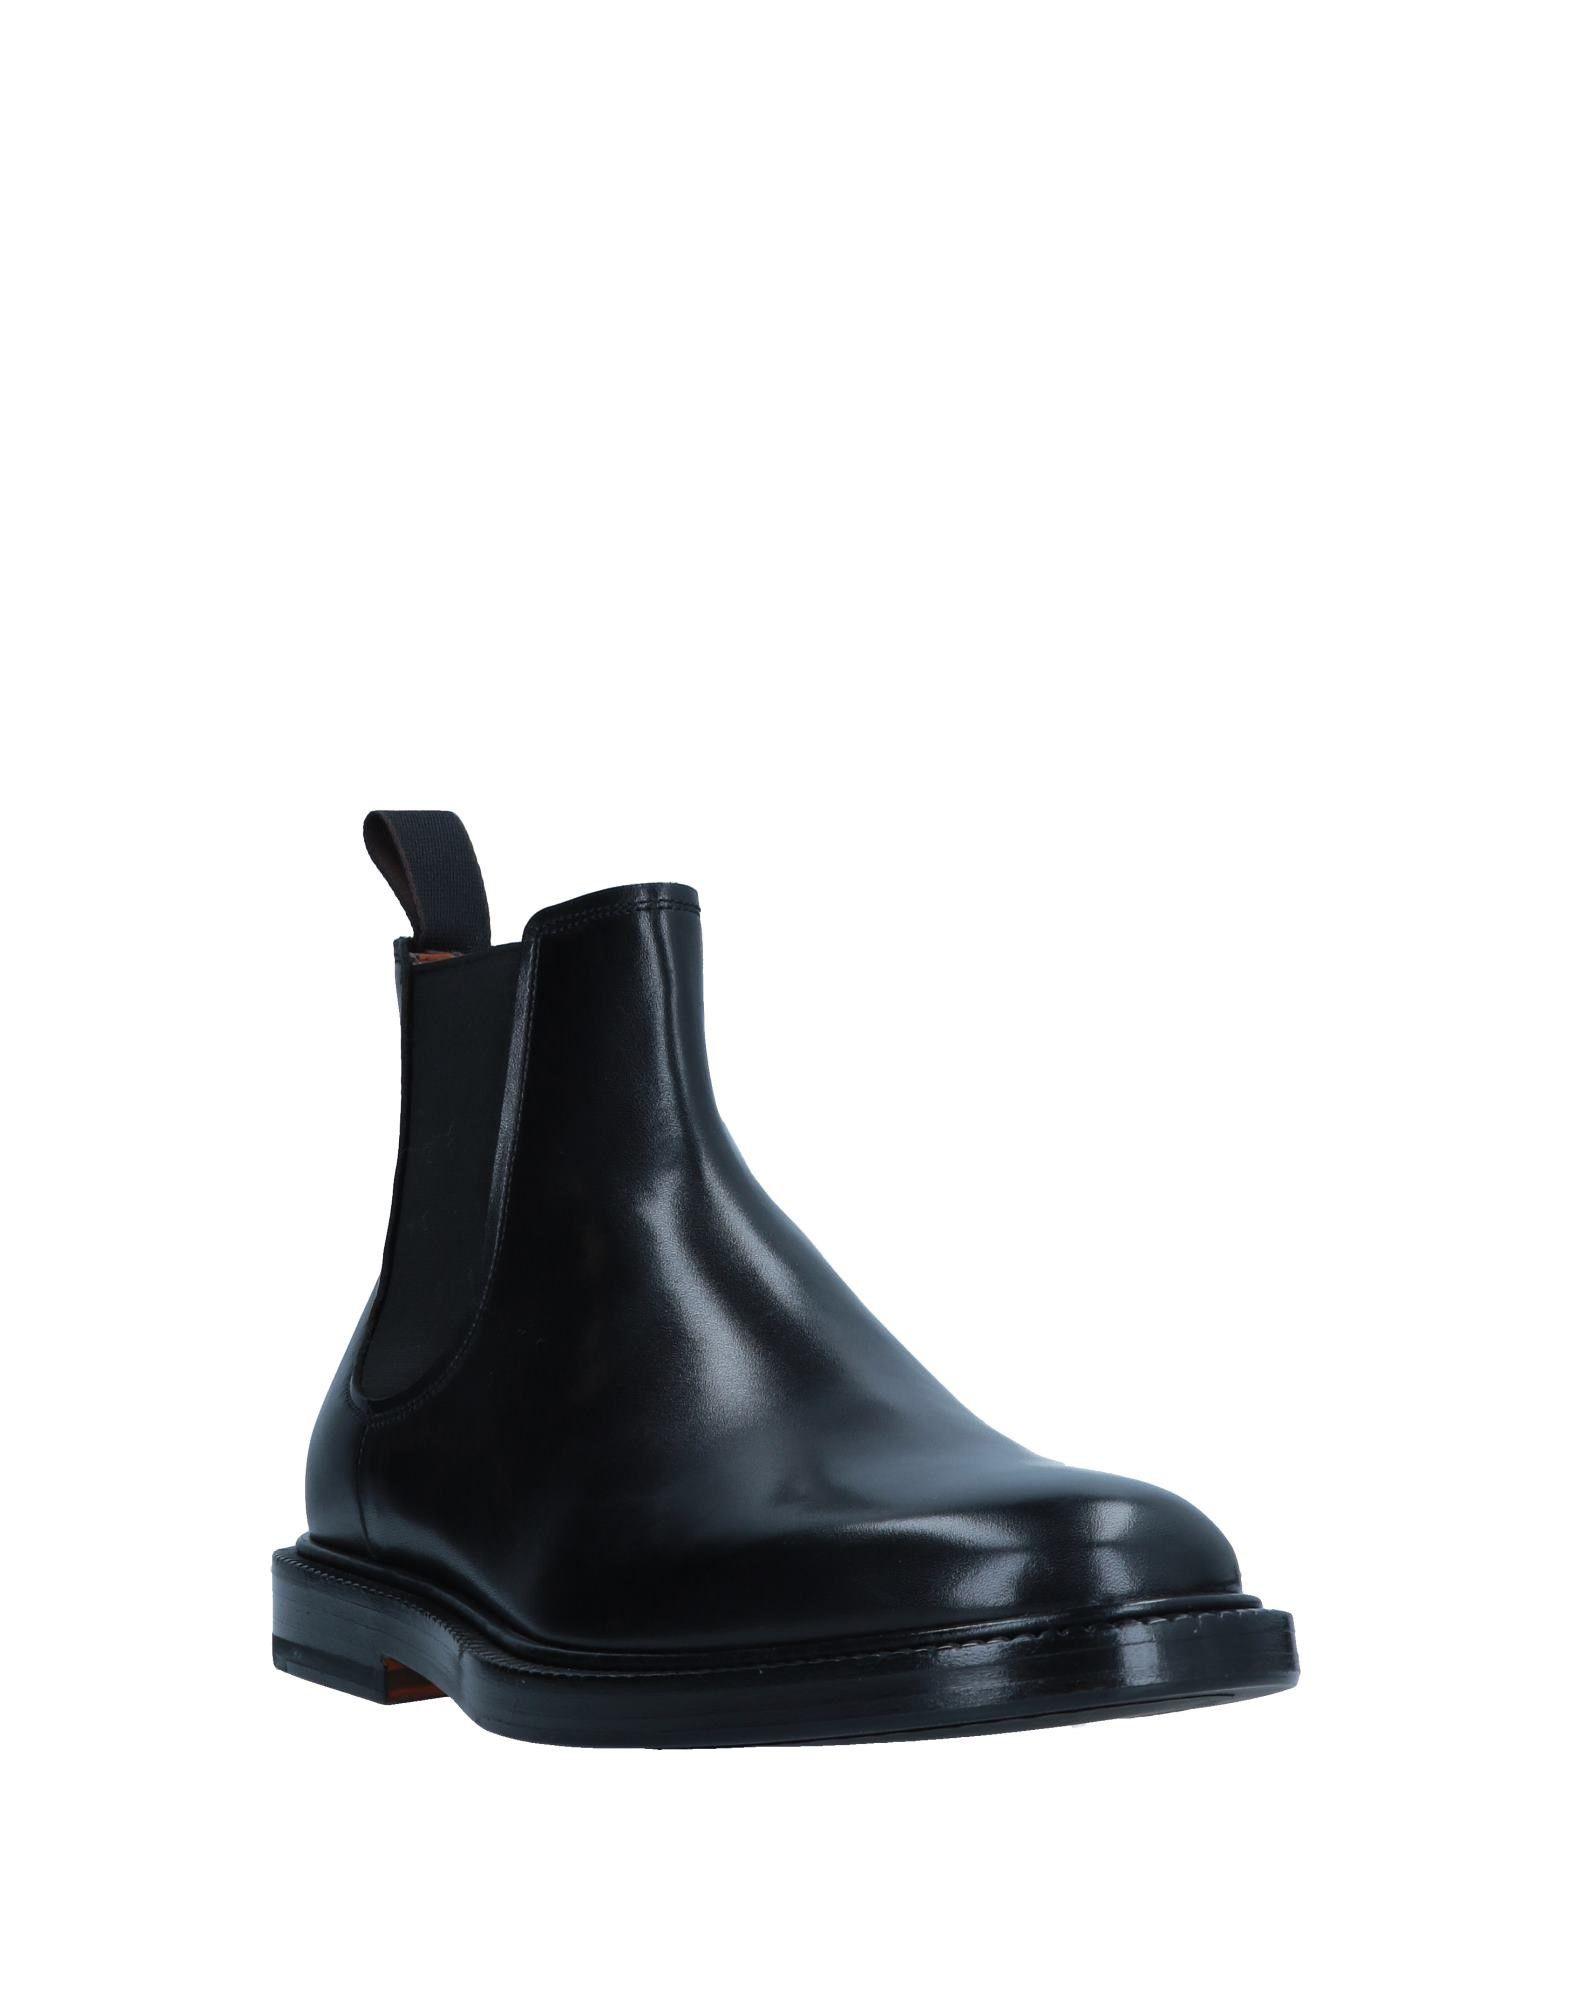 Santoni Stiefelette Qualität Herren  11543202FA Gute Qualität Stiefelette beliebte Schuhe 0f3b4d